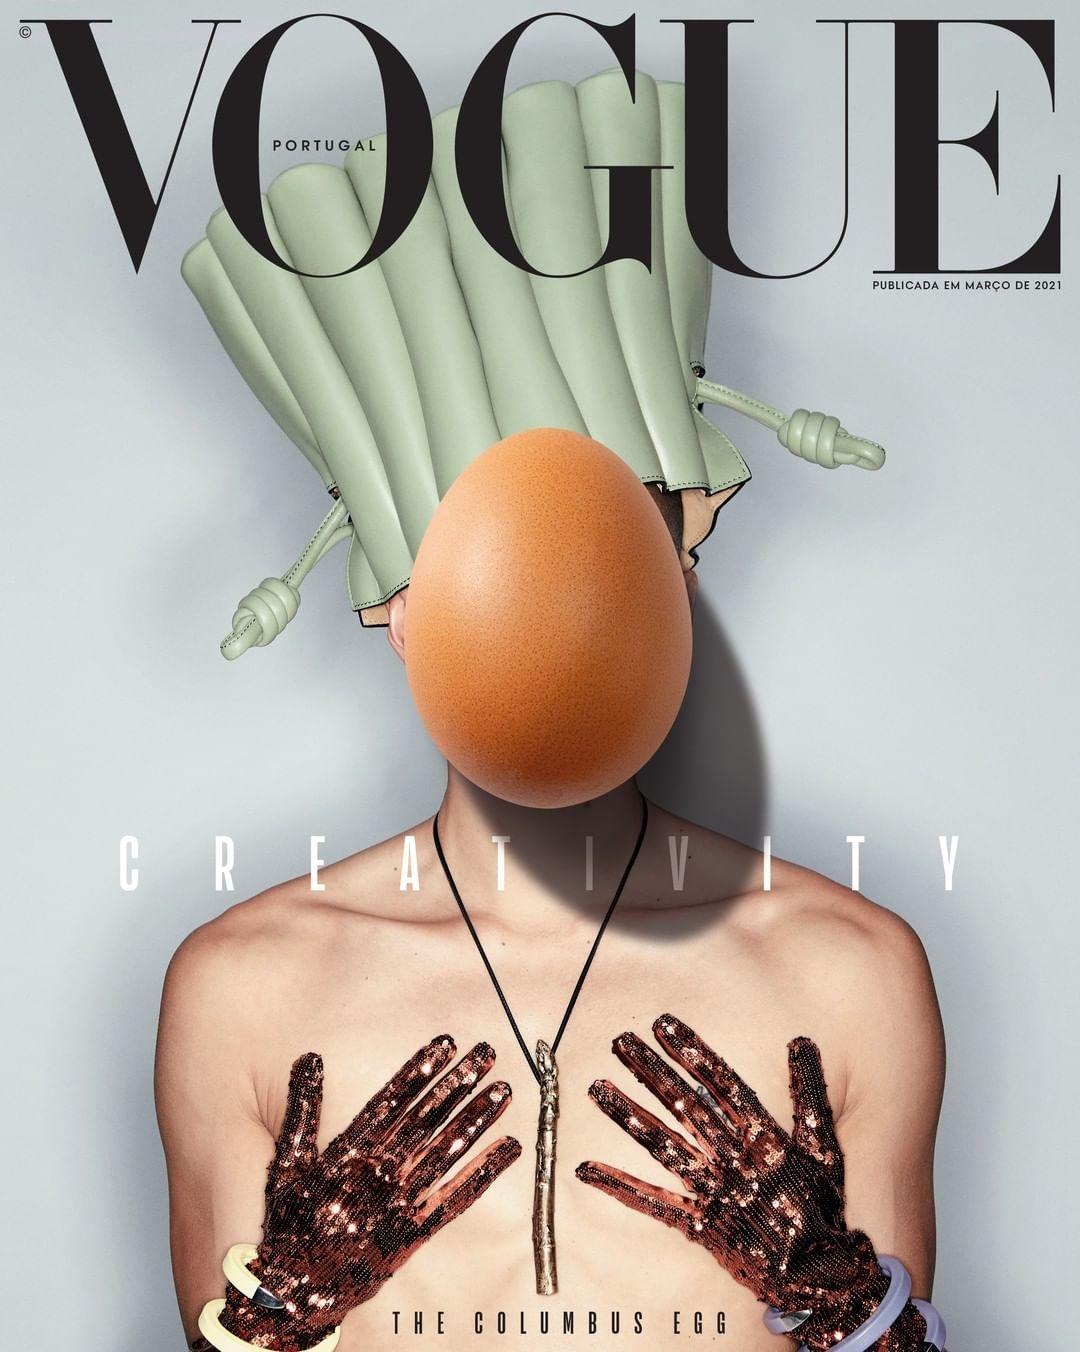 Новую обложку Vogue украсили яйца (ФОТО) - фото №1